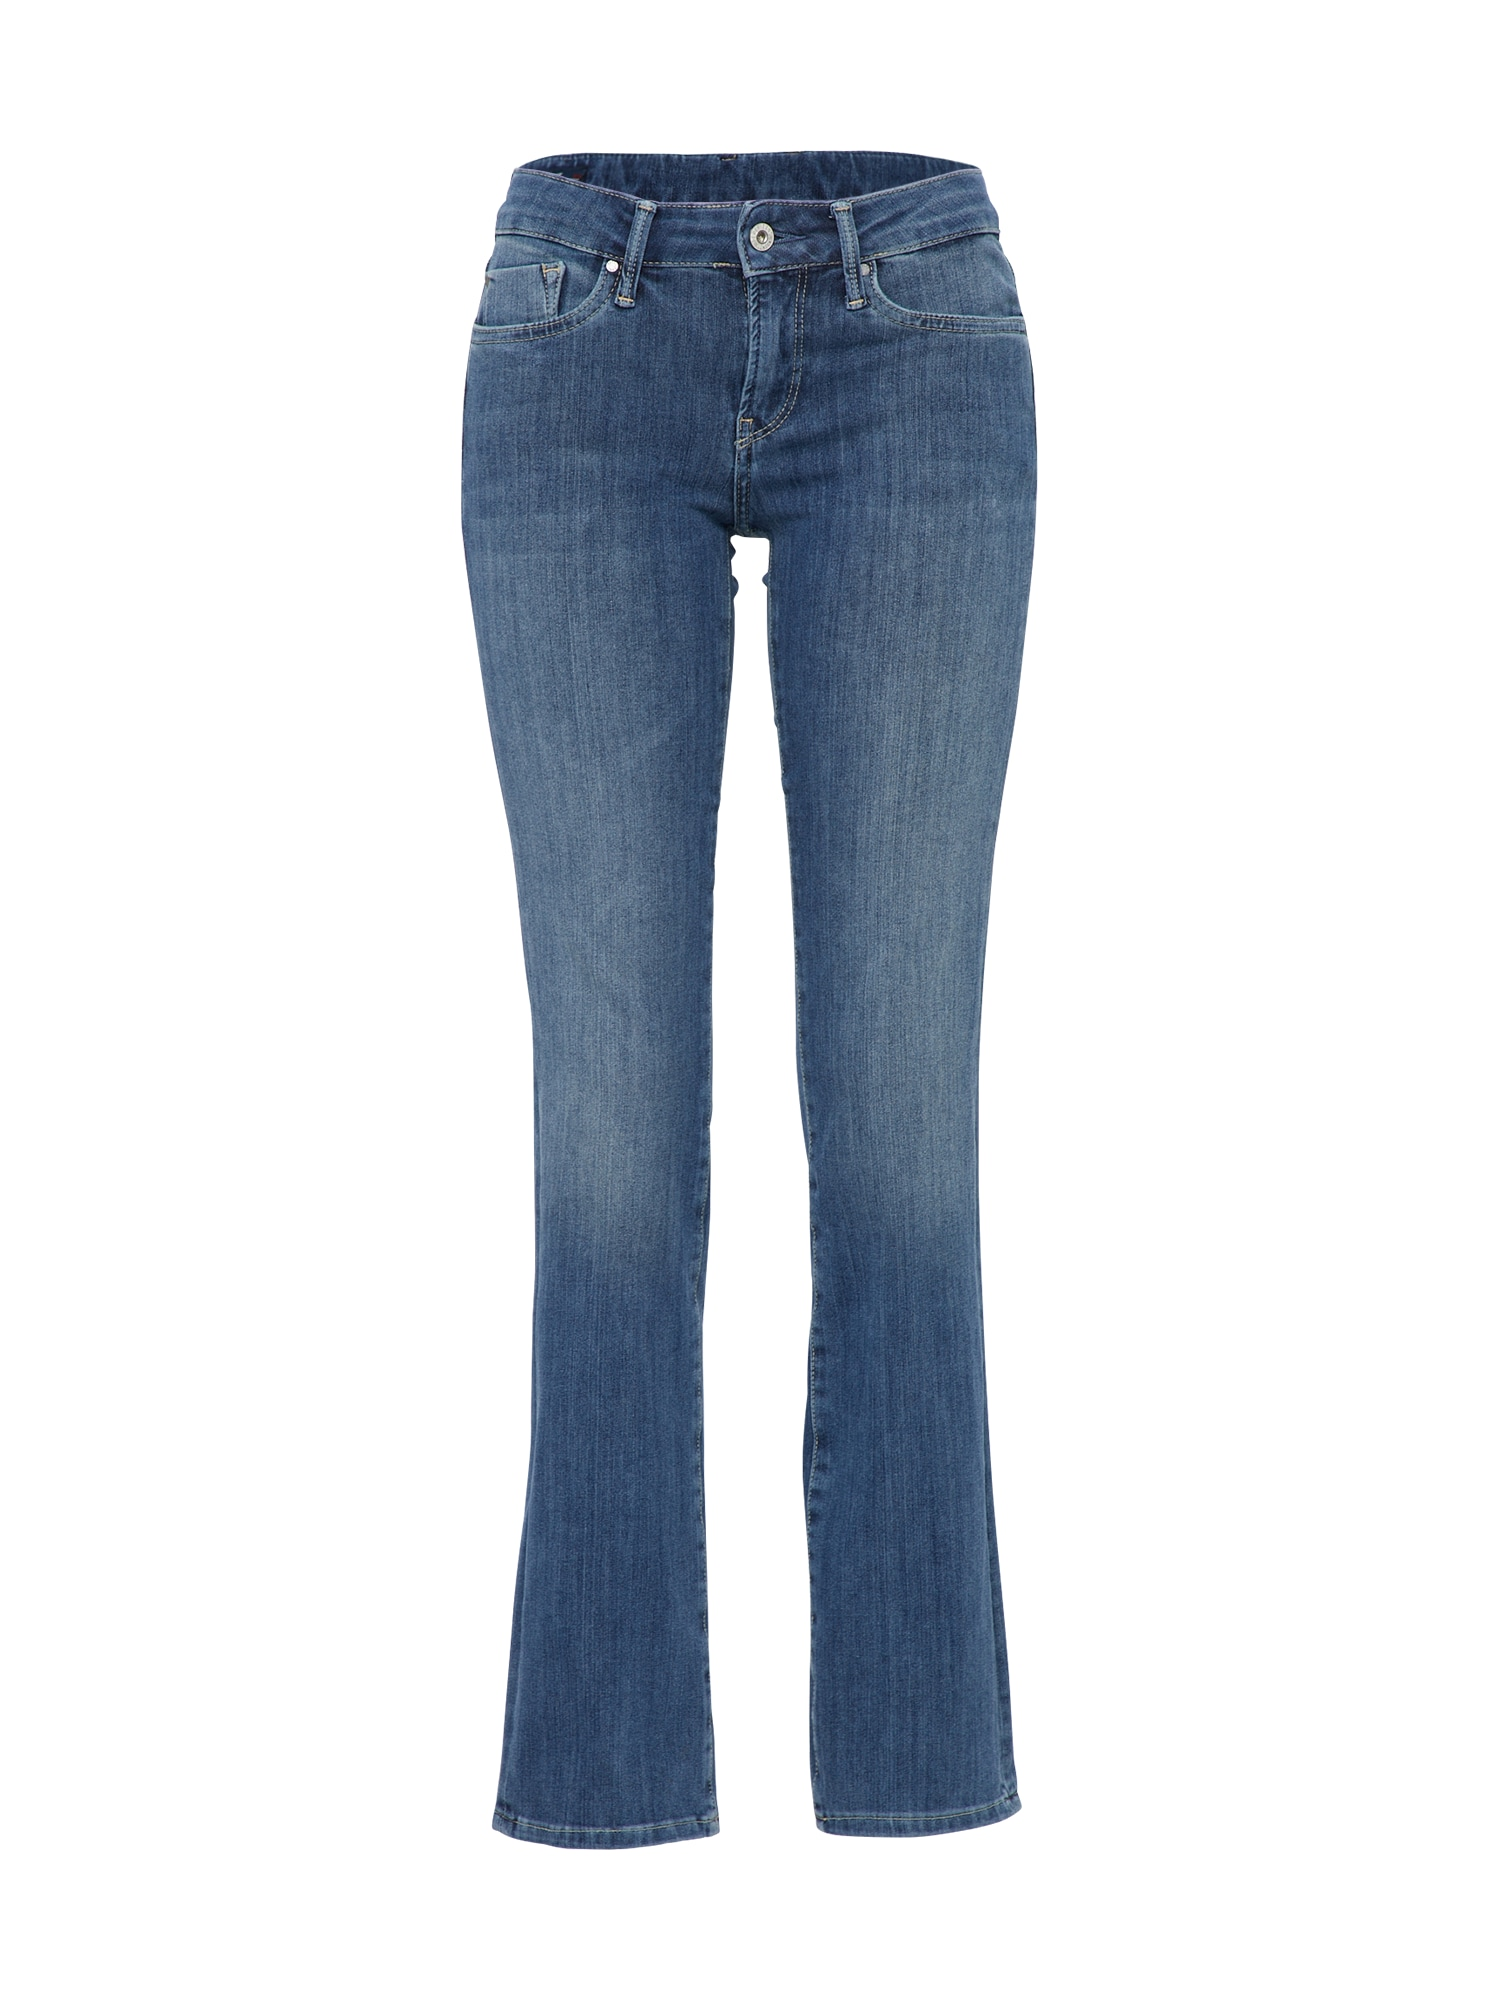 Džíny PICADILLY modrá Pepe Jeans